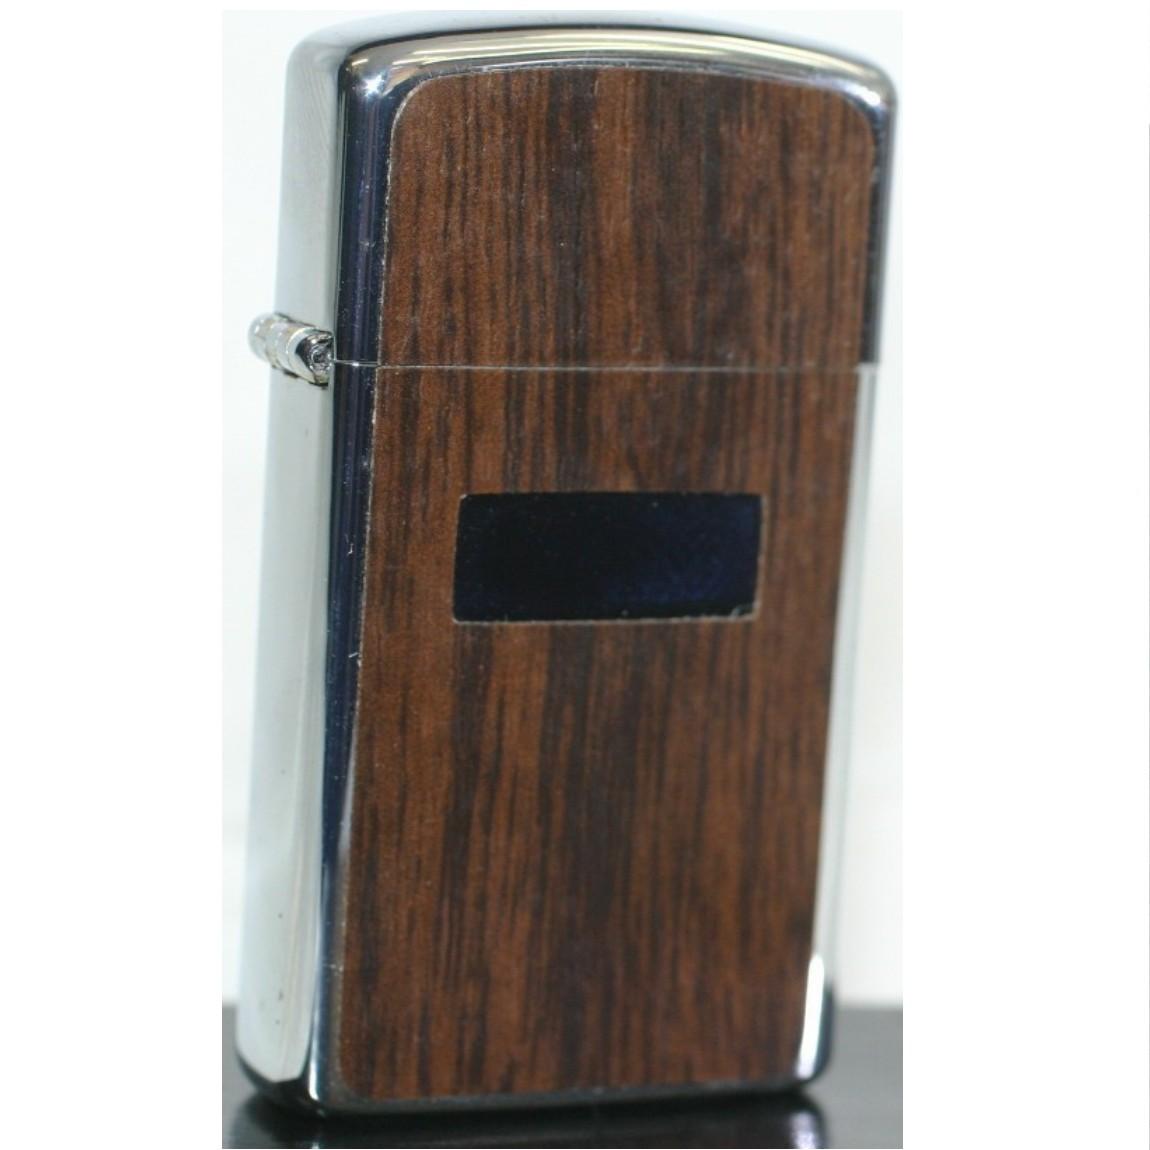 【中古】本物新品未使用Zippo1978年製造ビンテージ長期保管品の小ぶりのオイルライター木目アンティーク○D12-201-1